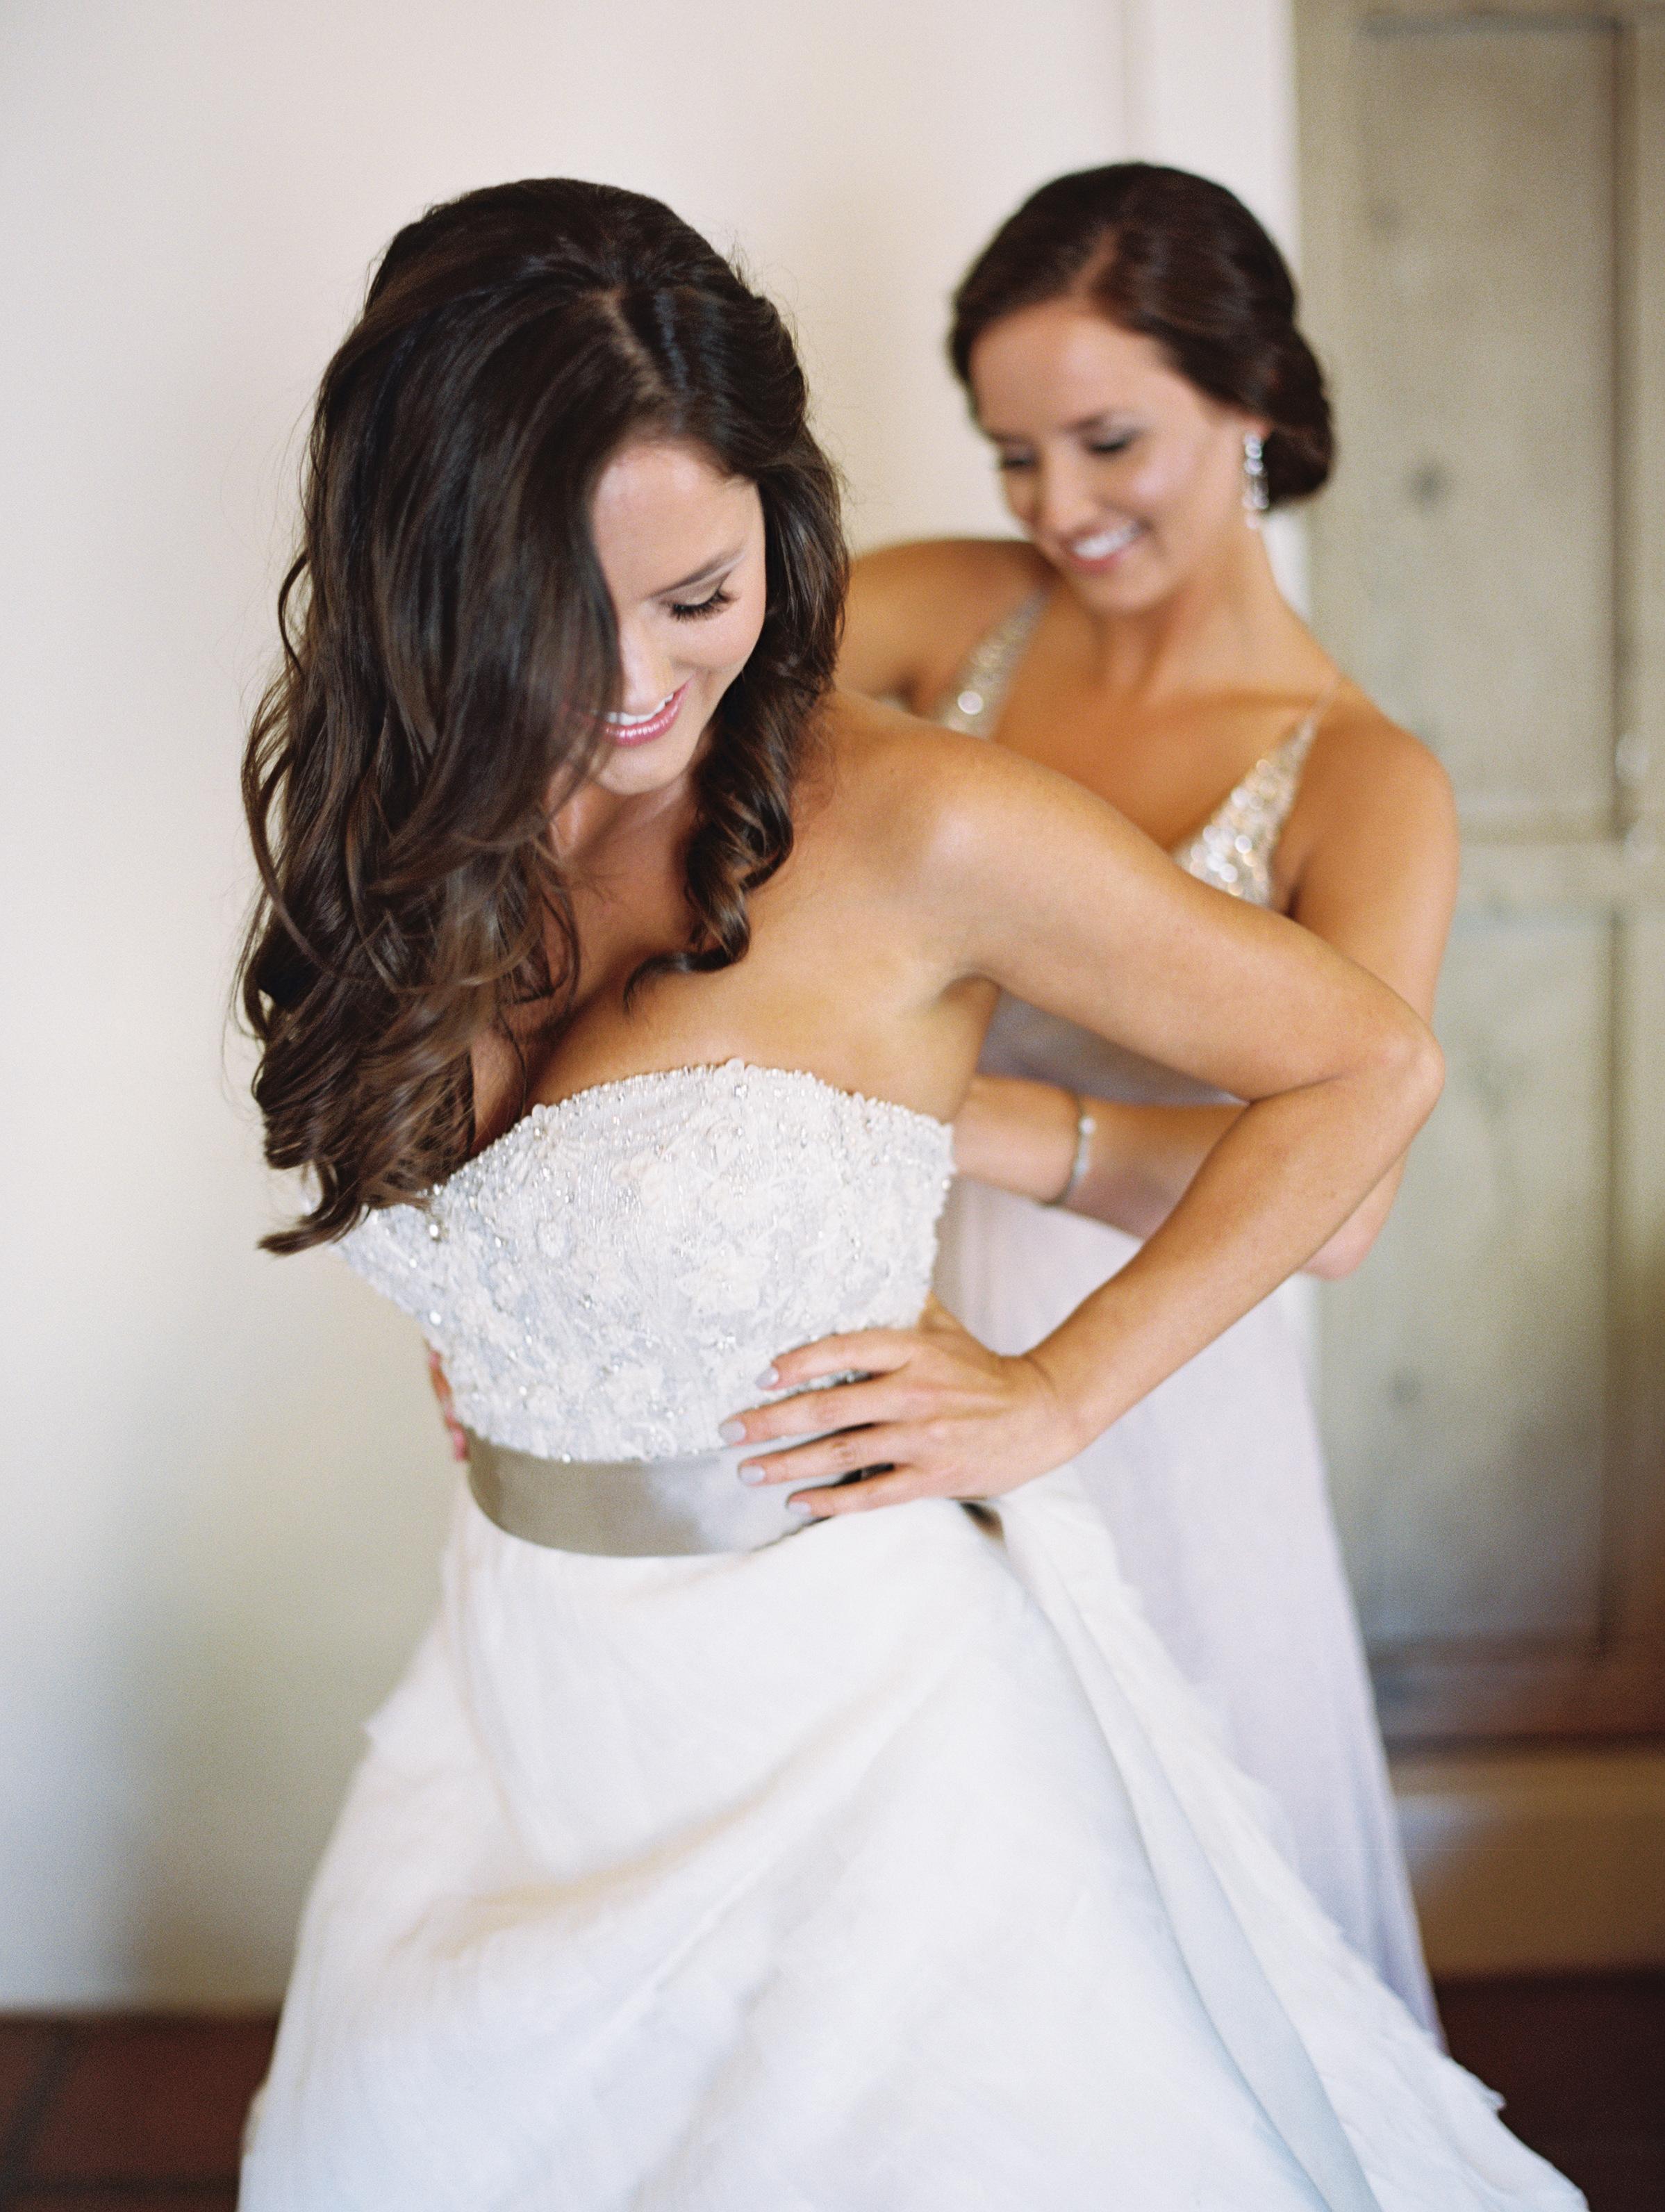 getting_ready_putting_on_wedding_Dress.jpg